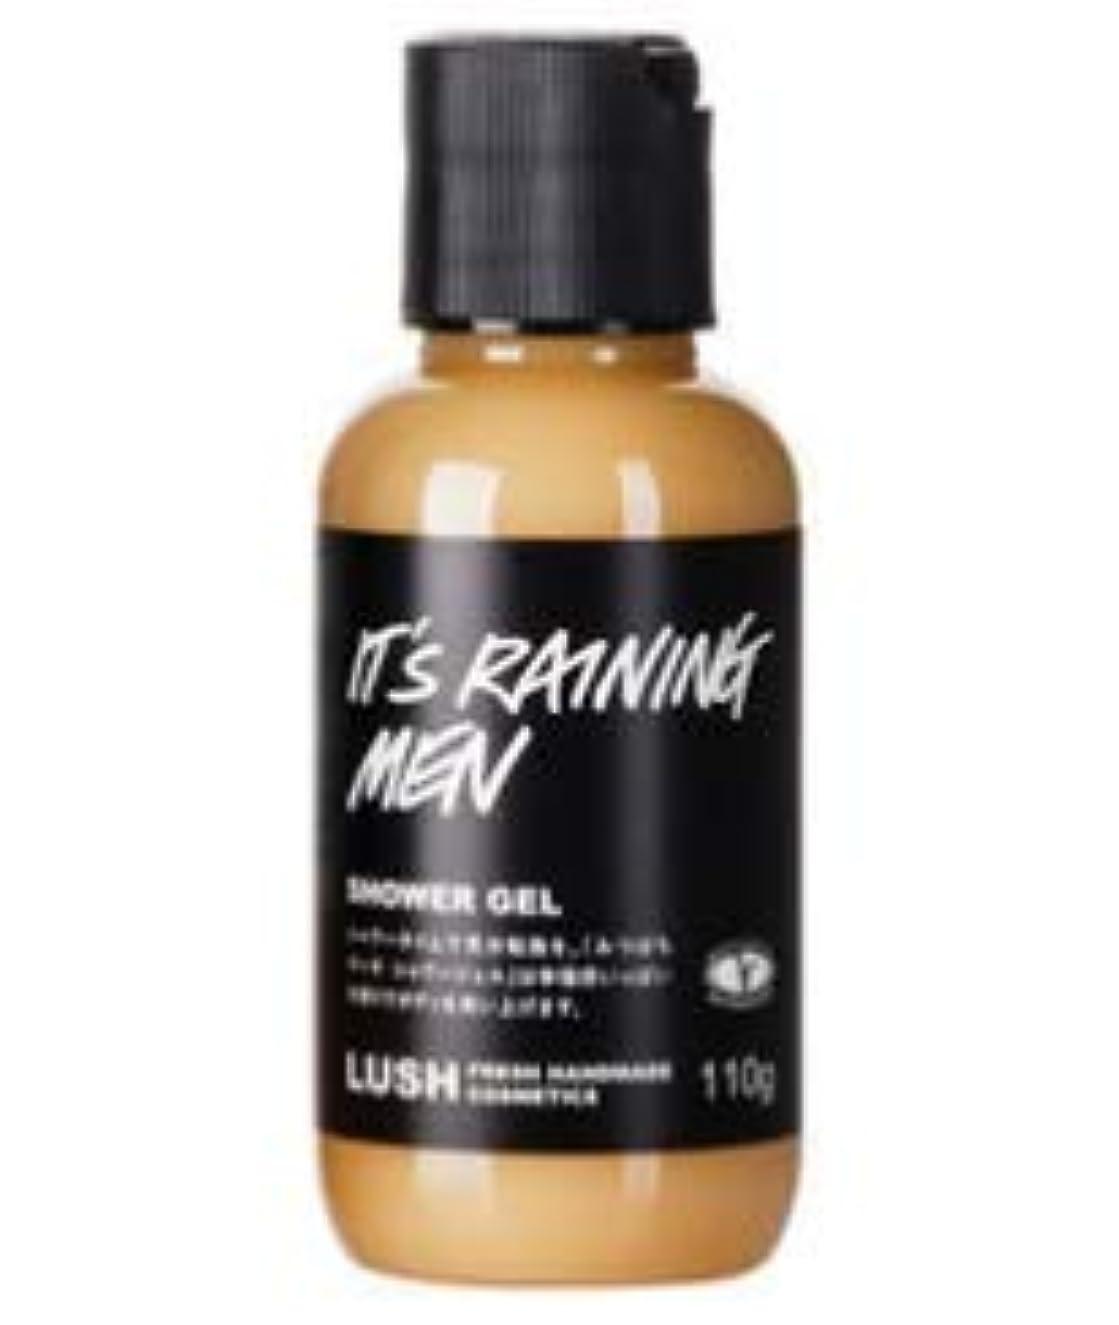 配るグラムスラムLUSH ラッシュ みつばちマーチ シャワージェル It's Raining Men 甘い香り 浴用化粧品 ボディソープ 自然派化粧品 天然成分 ベルガモット ハチミツ (110g)